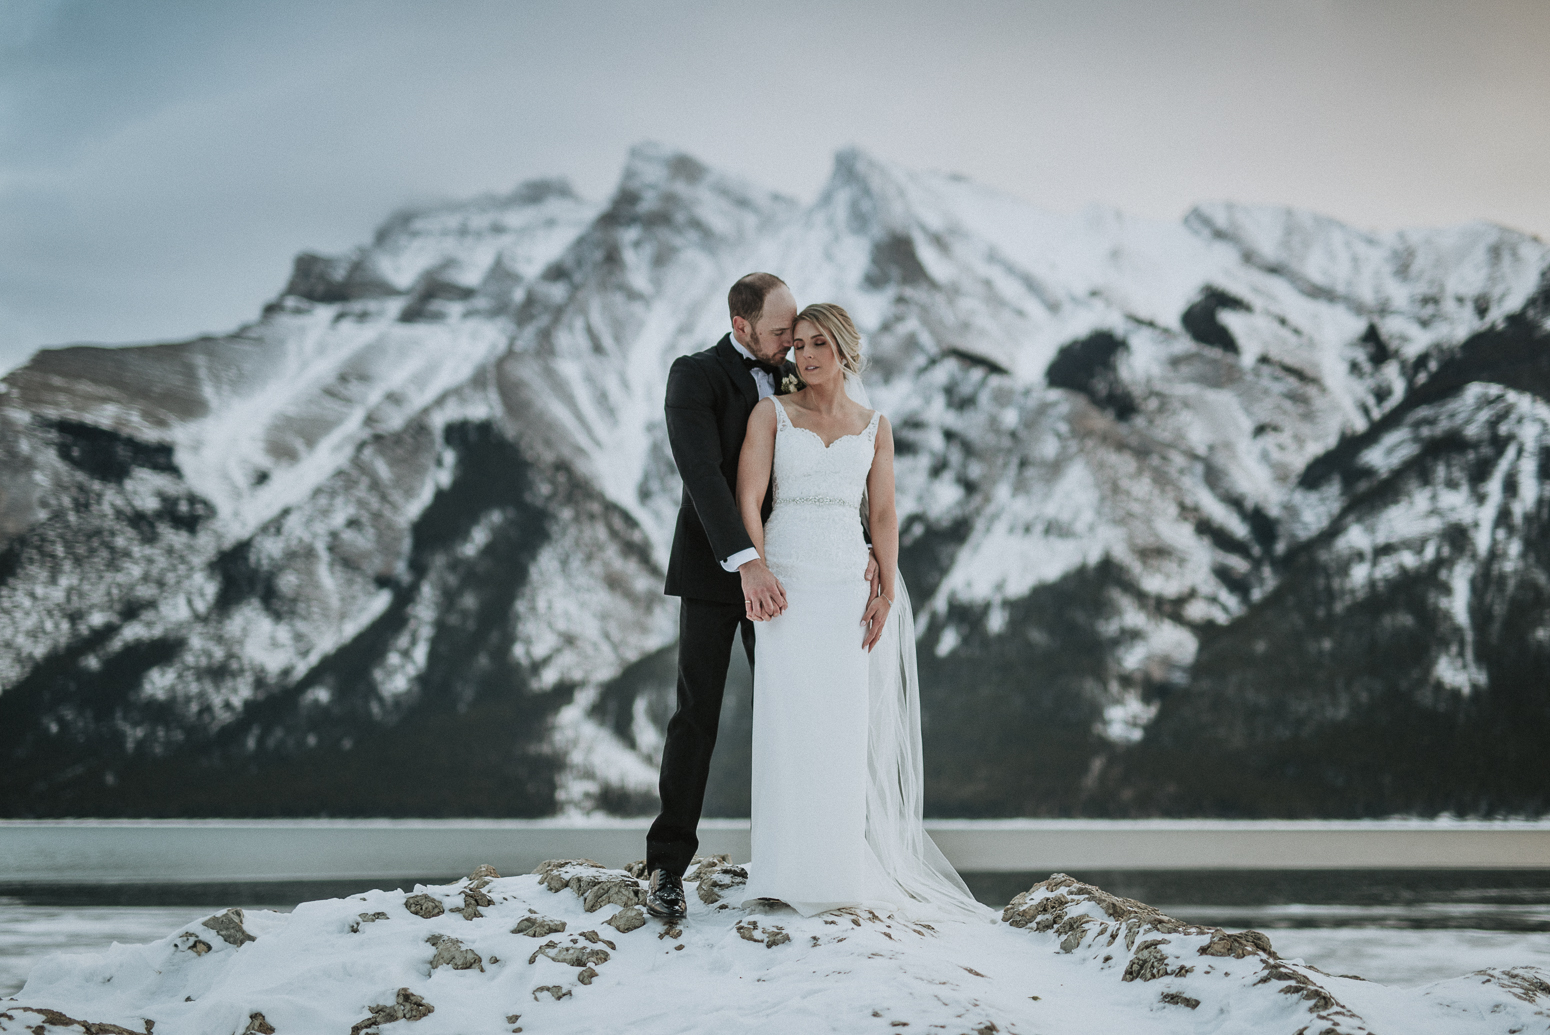 Intimate winter wedding